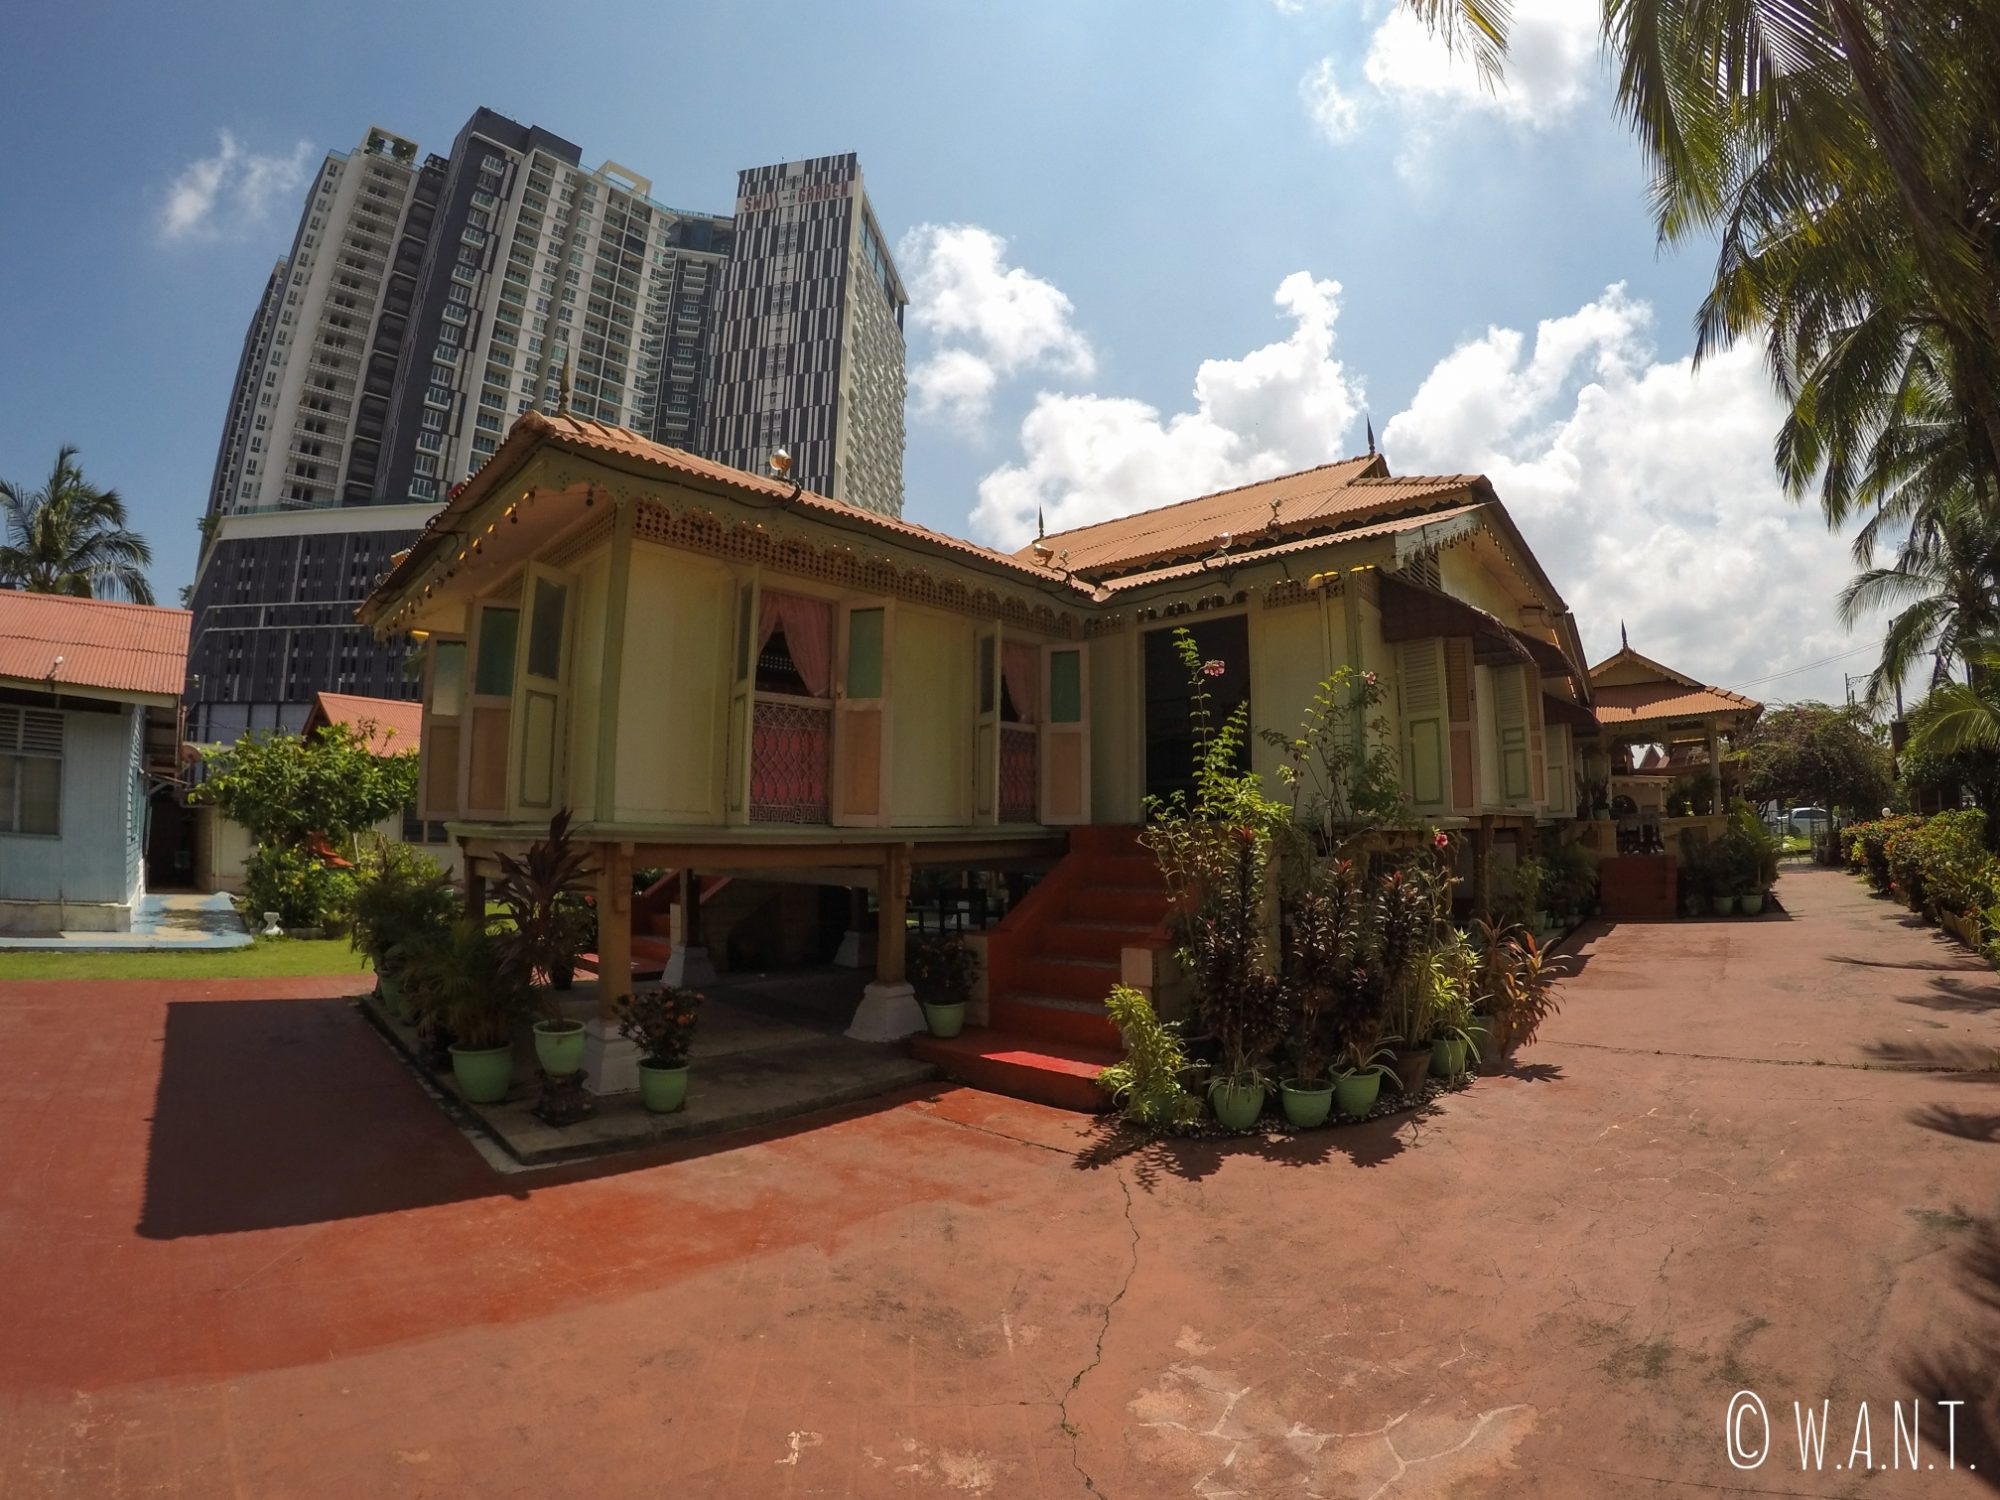 Le contraste est frappant entre la villa Sentosa, maison malaisienne, et les immeubles situés autour